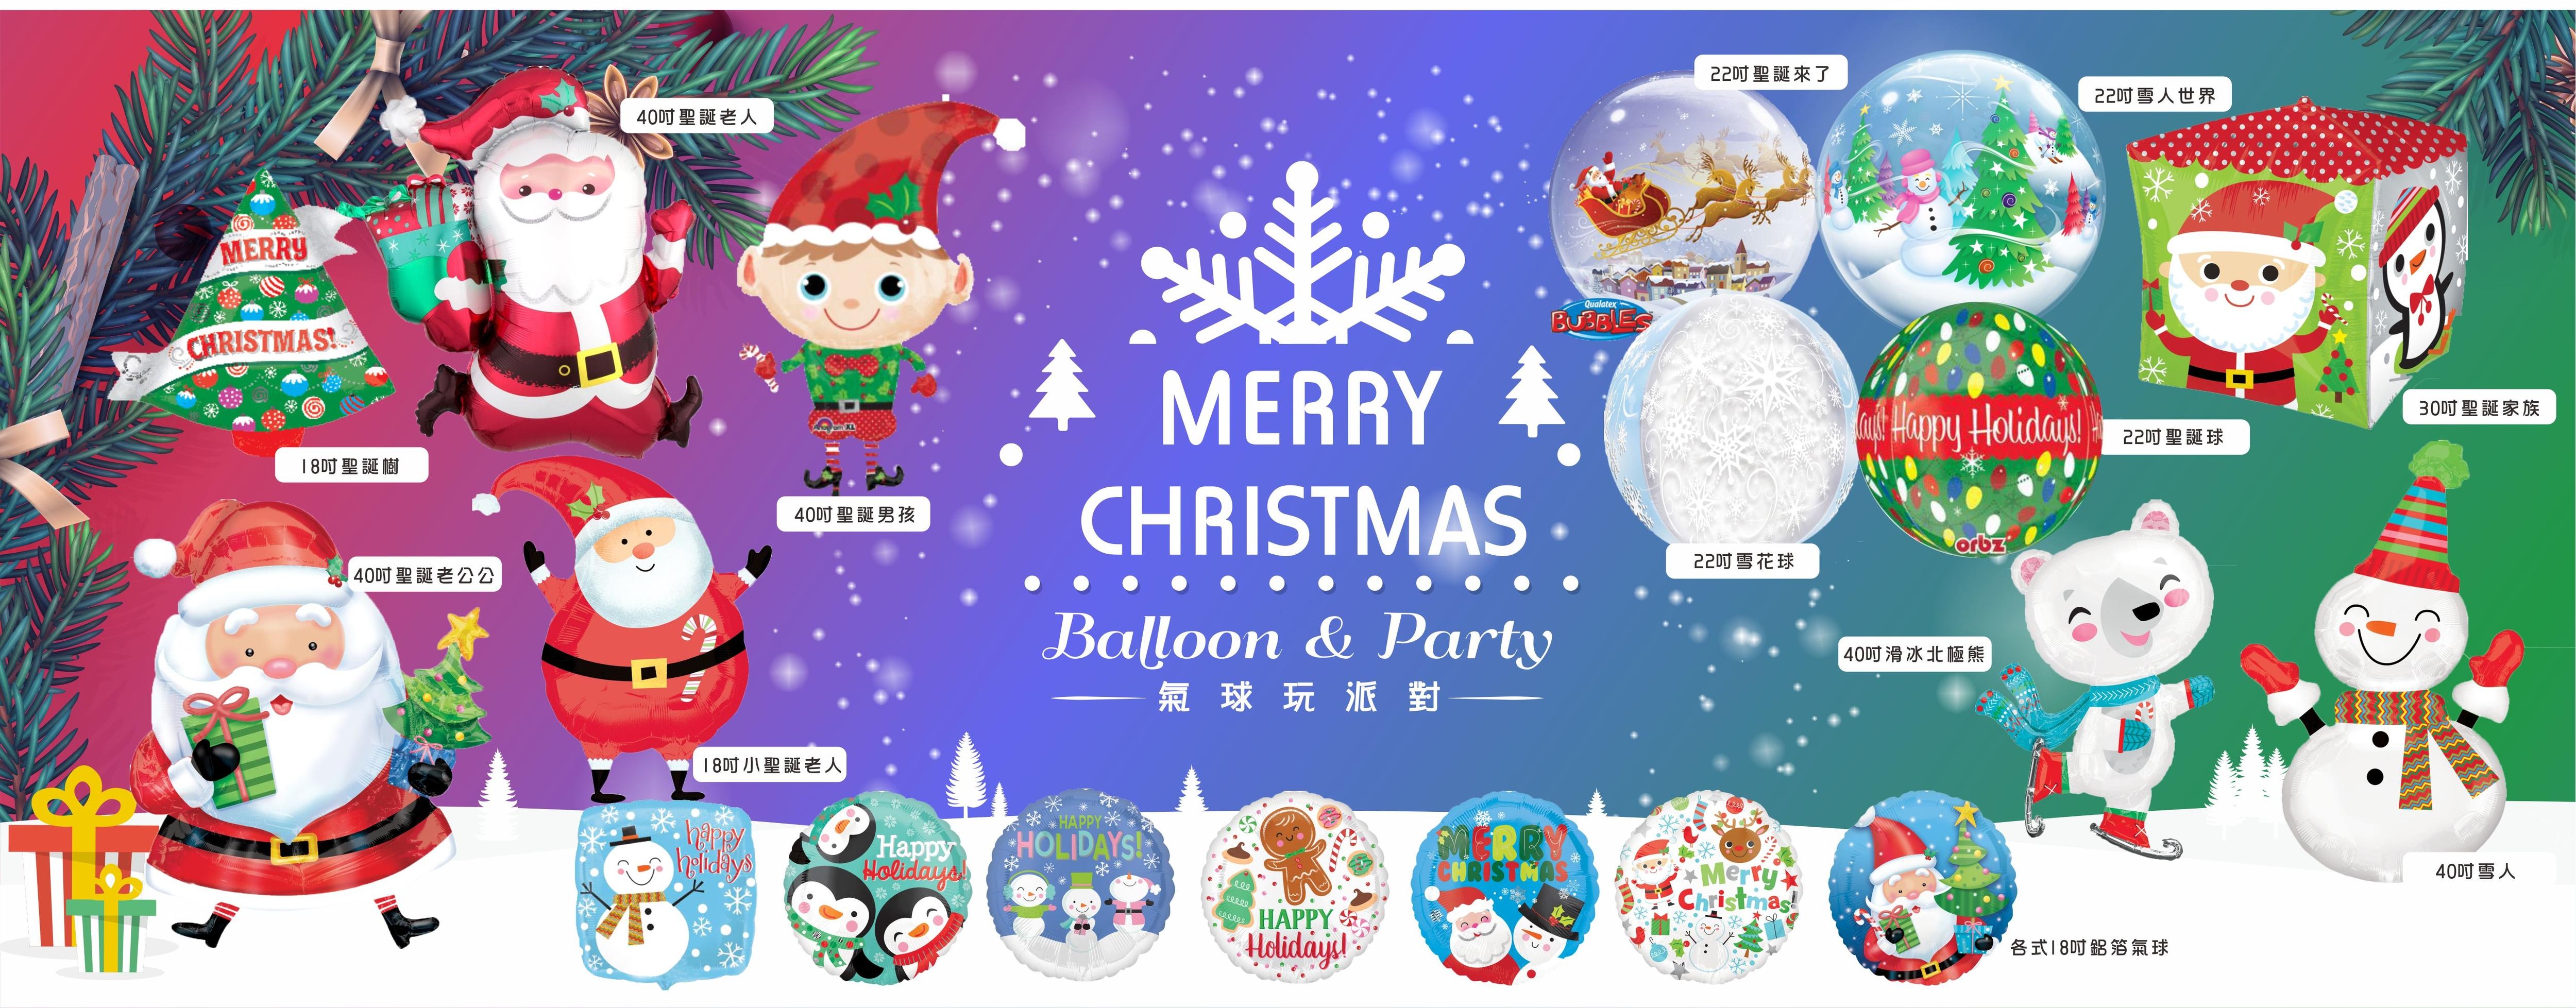 聖誕節氣球、氣球玩派對、聖誕節